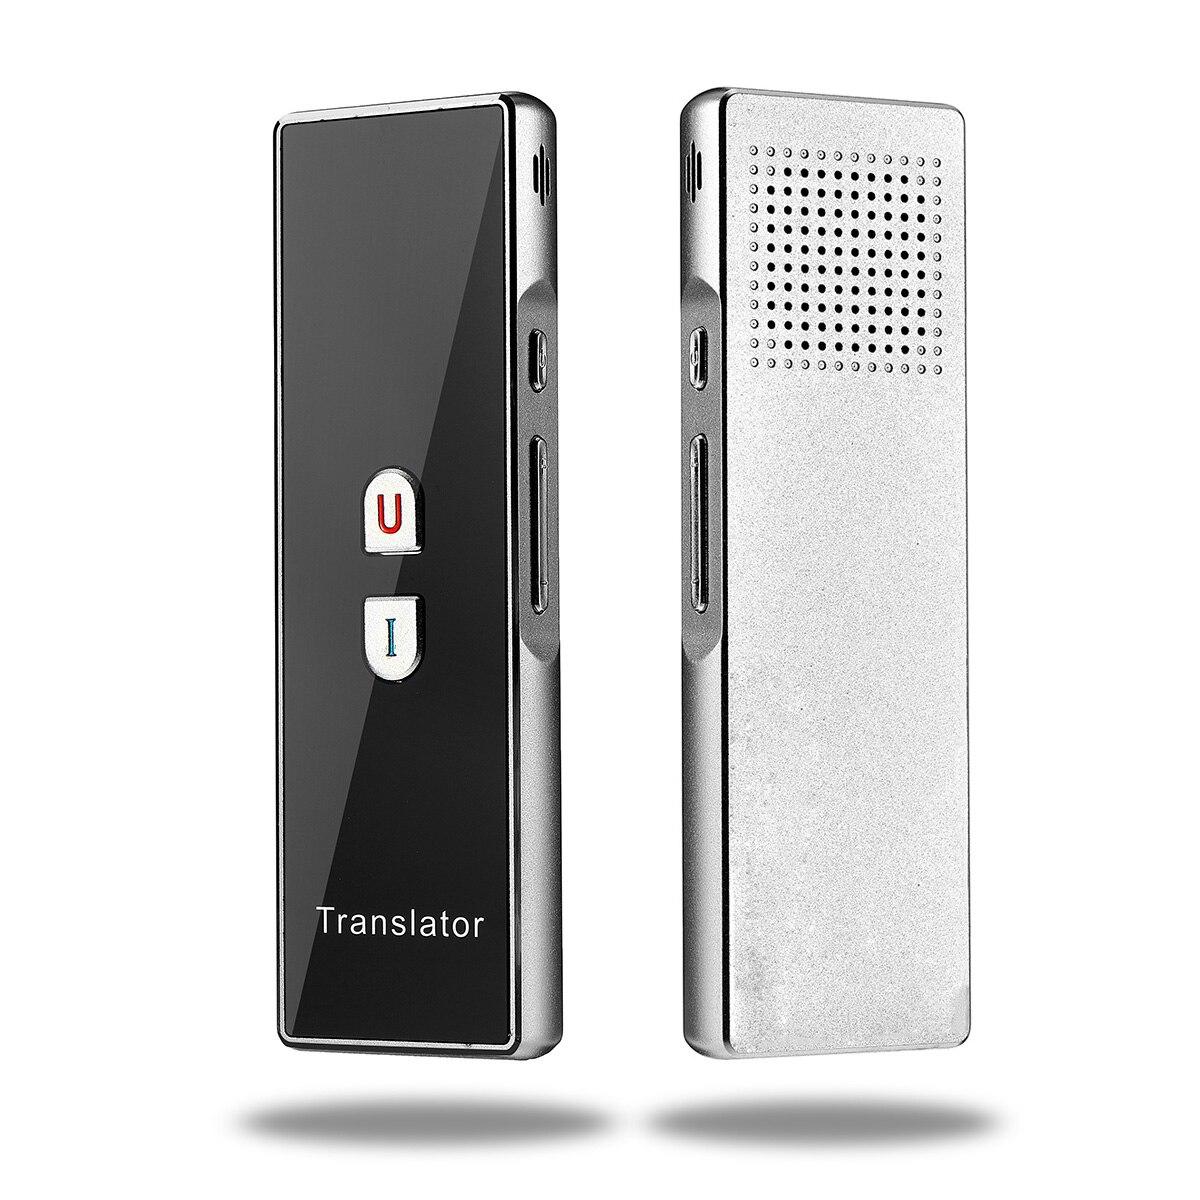 Traducteur vocal intelligent Portable en temps réel 40 langues traduction instantanée bluetooth traducteur traducteur apprentissage des affaires